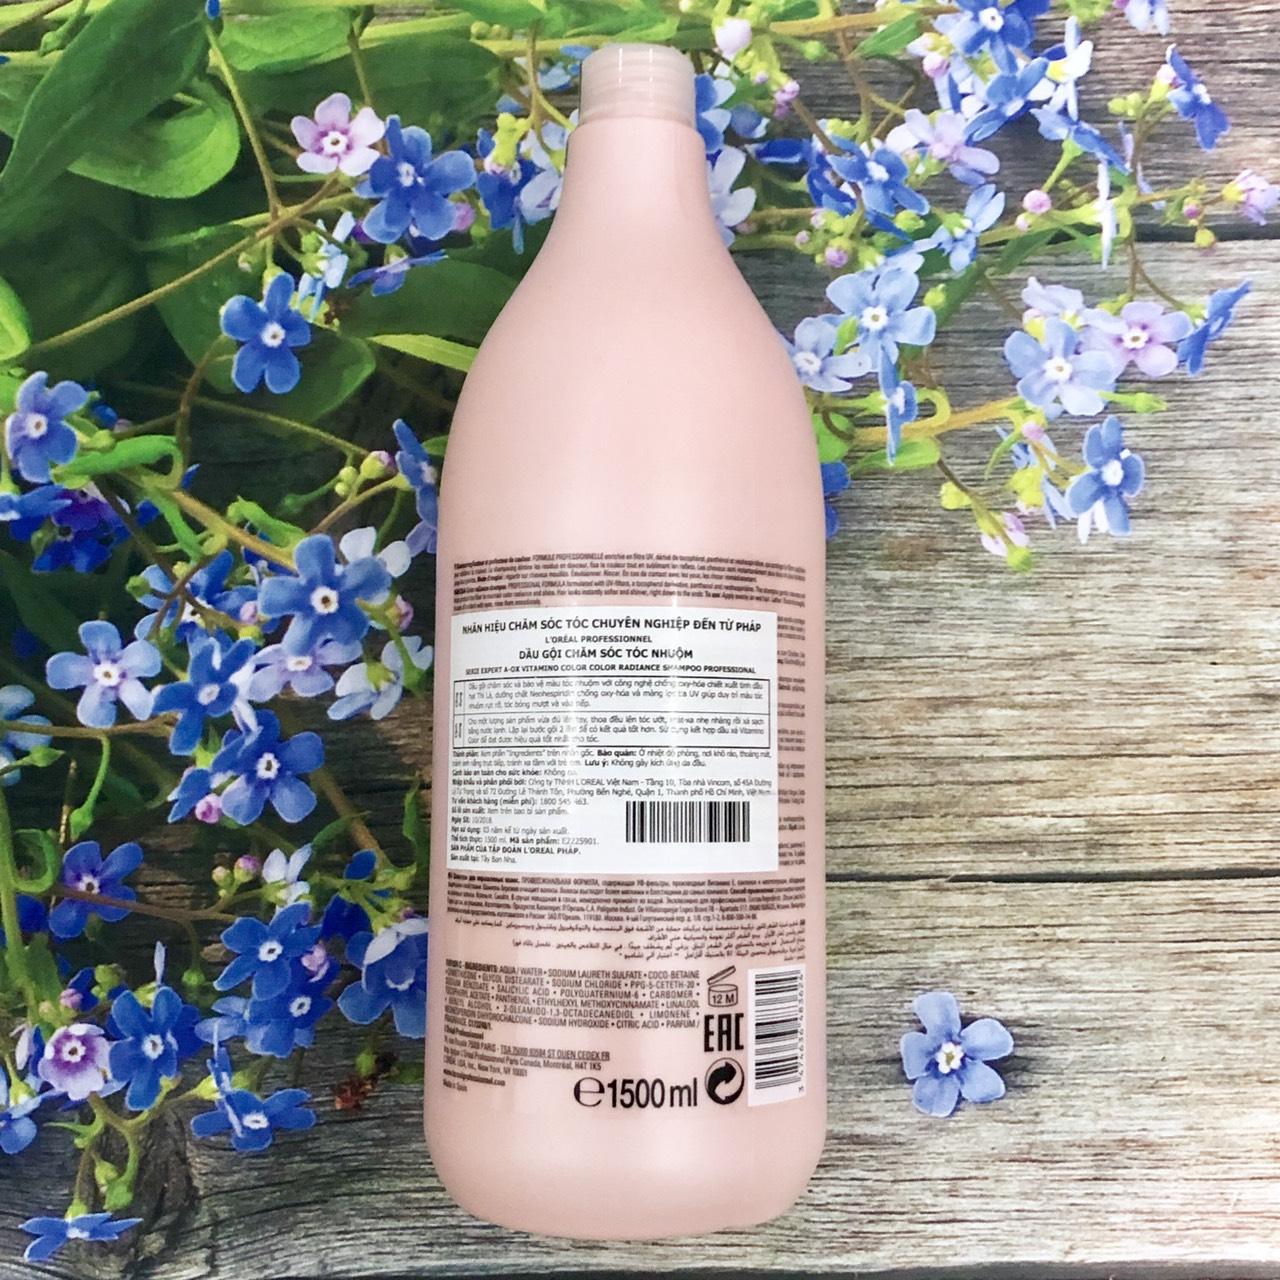 Dầu gội giữ màu tóc nhuộm L'oreal Serie Expert A-OX Vitamino color radiance shampoo 1500ml - Chính hãng